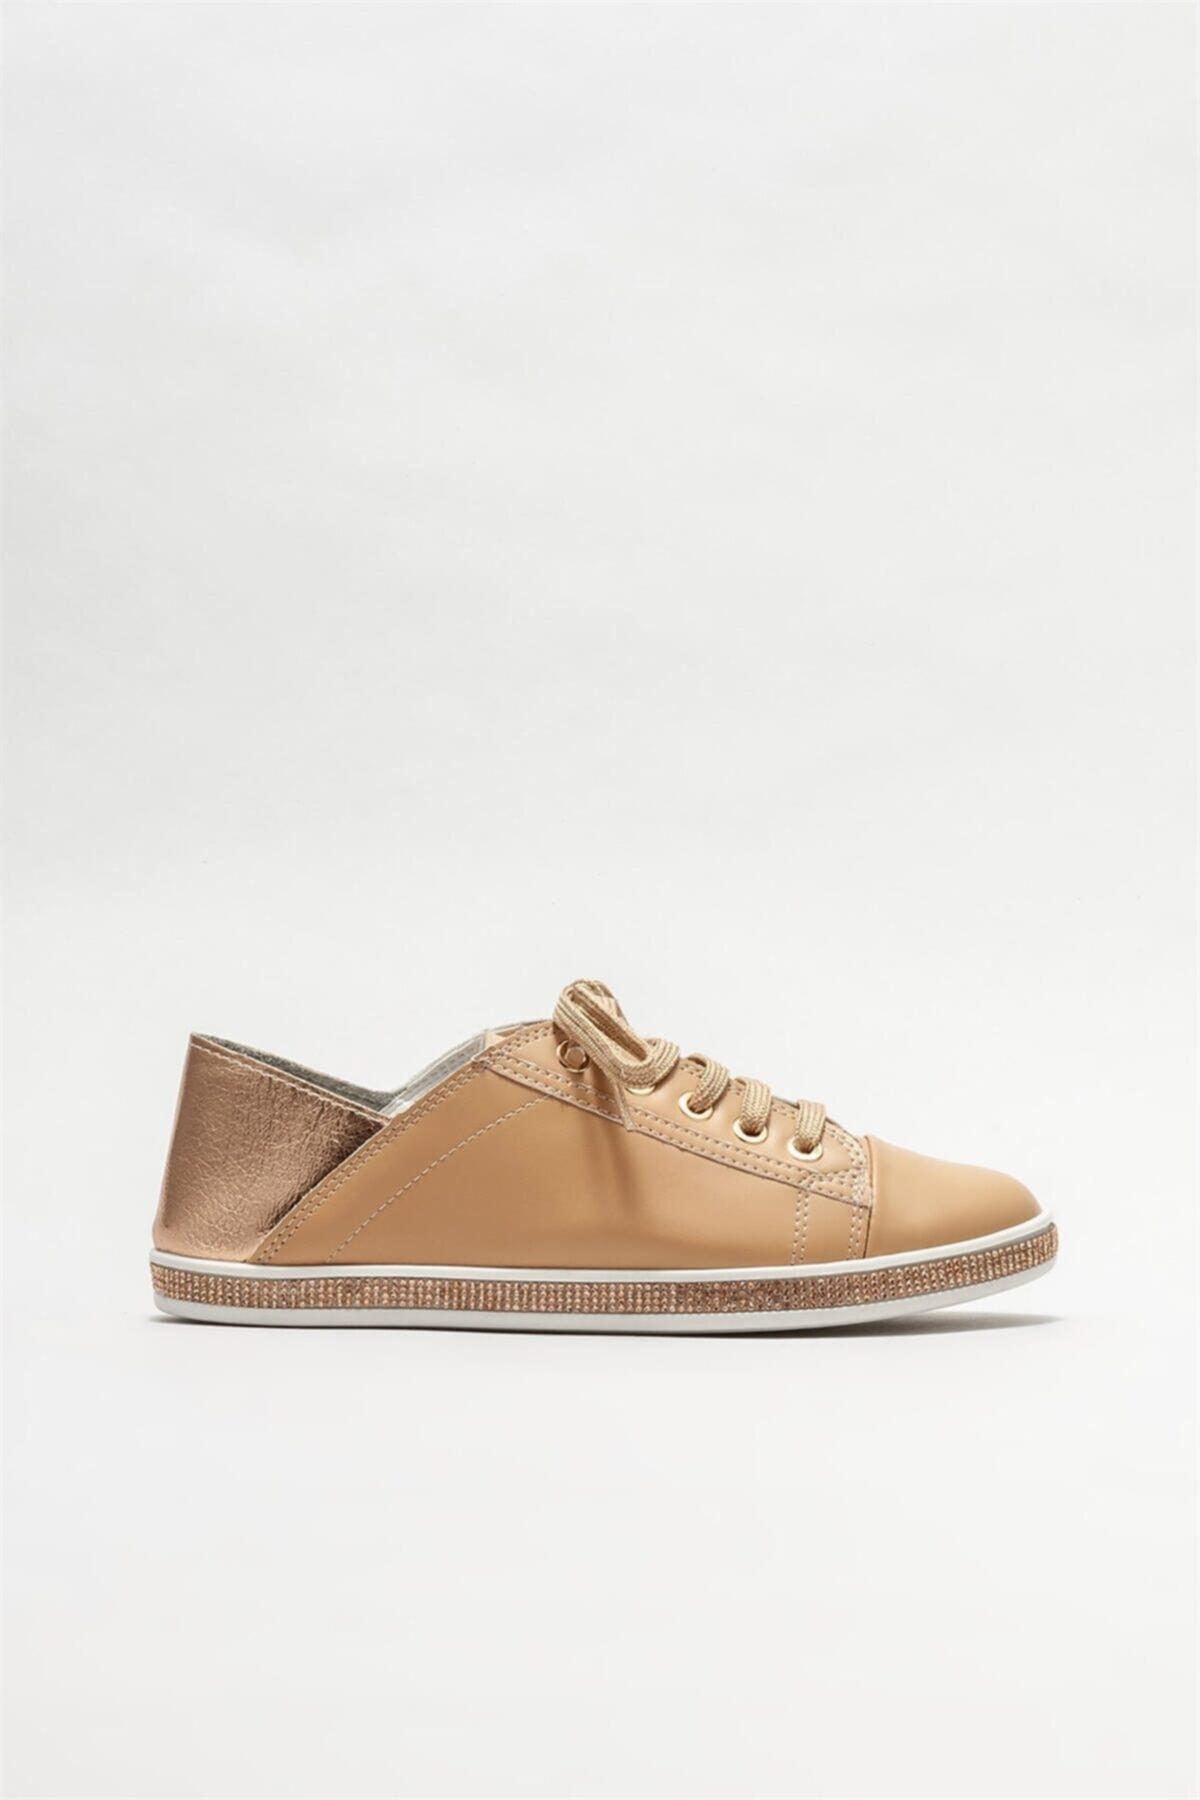 Kadın Natürel Renk Düz Ayakkabı